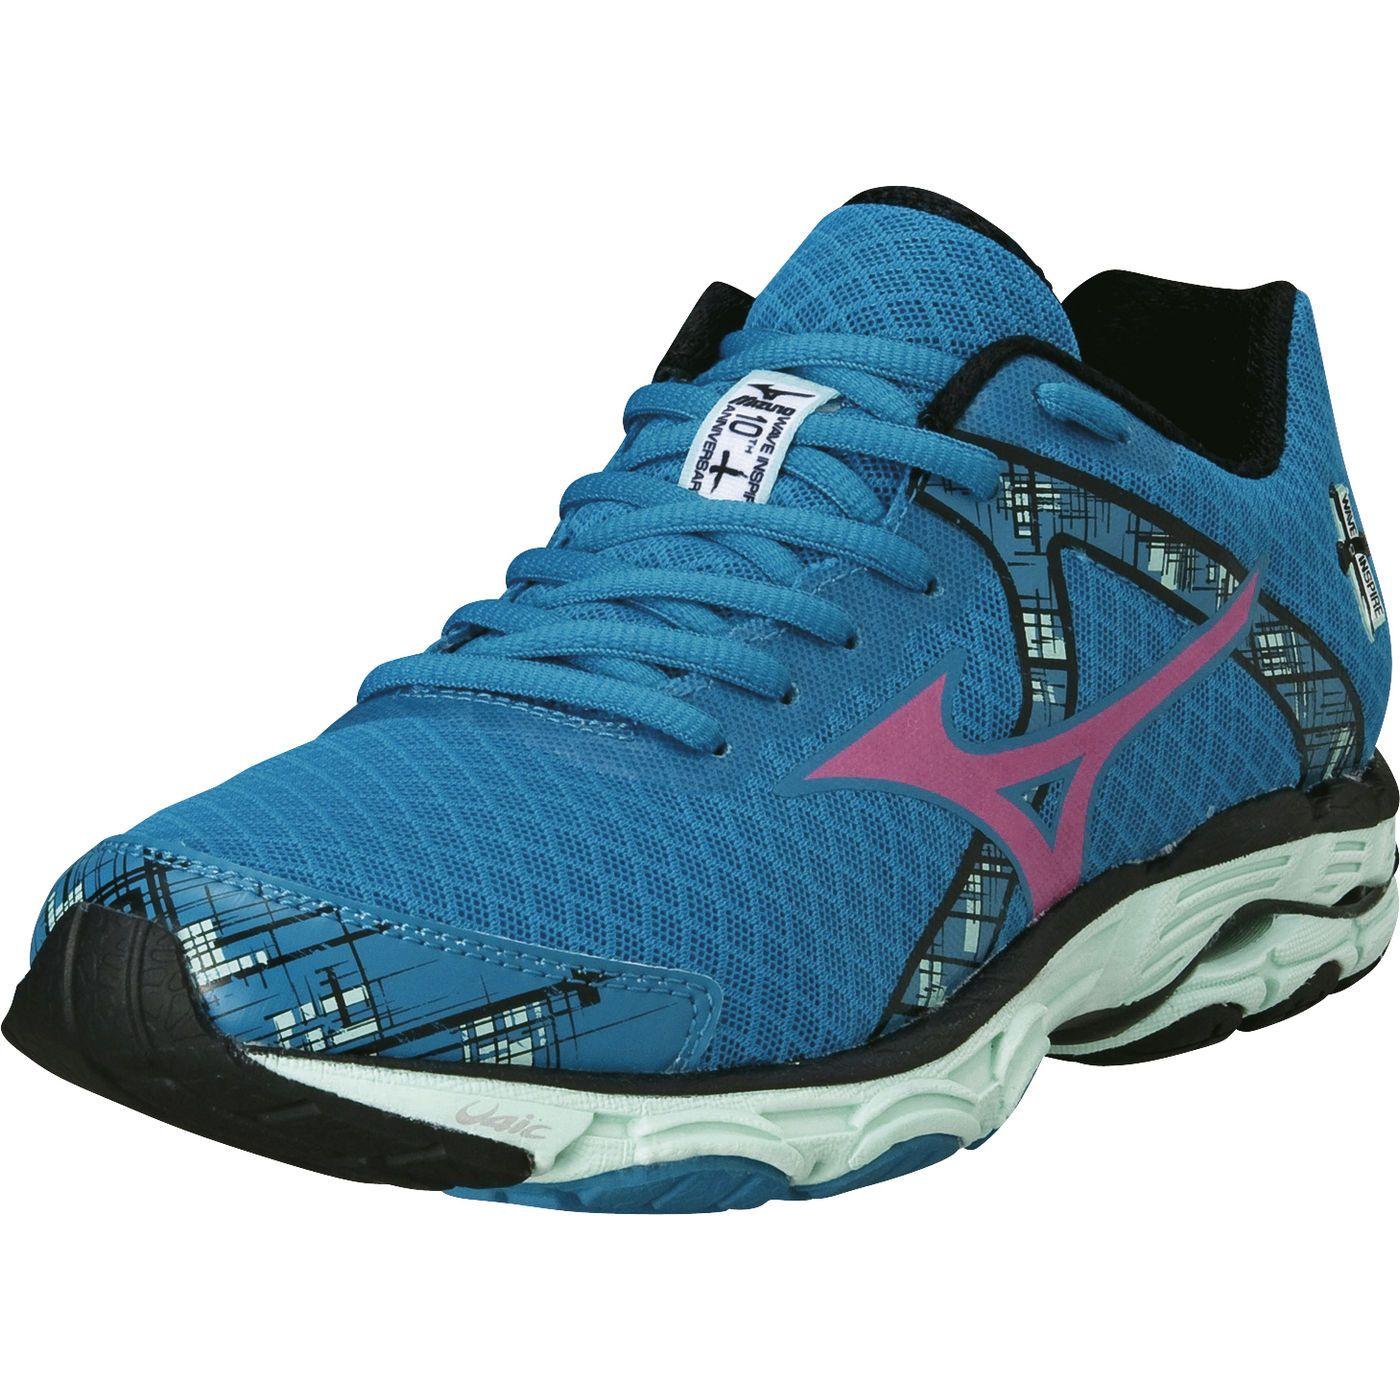 Mizuno #Trainers #Womens #Running - The